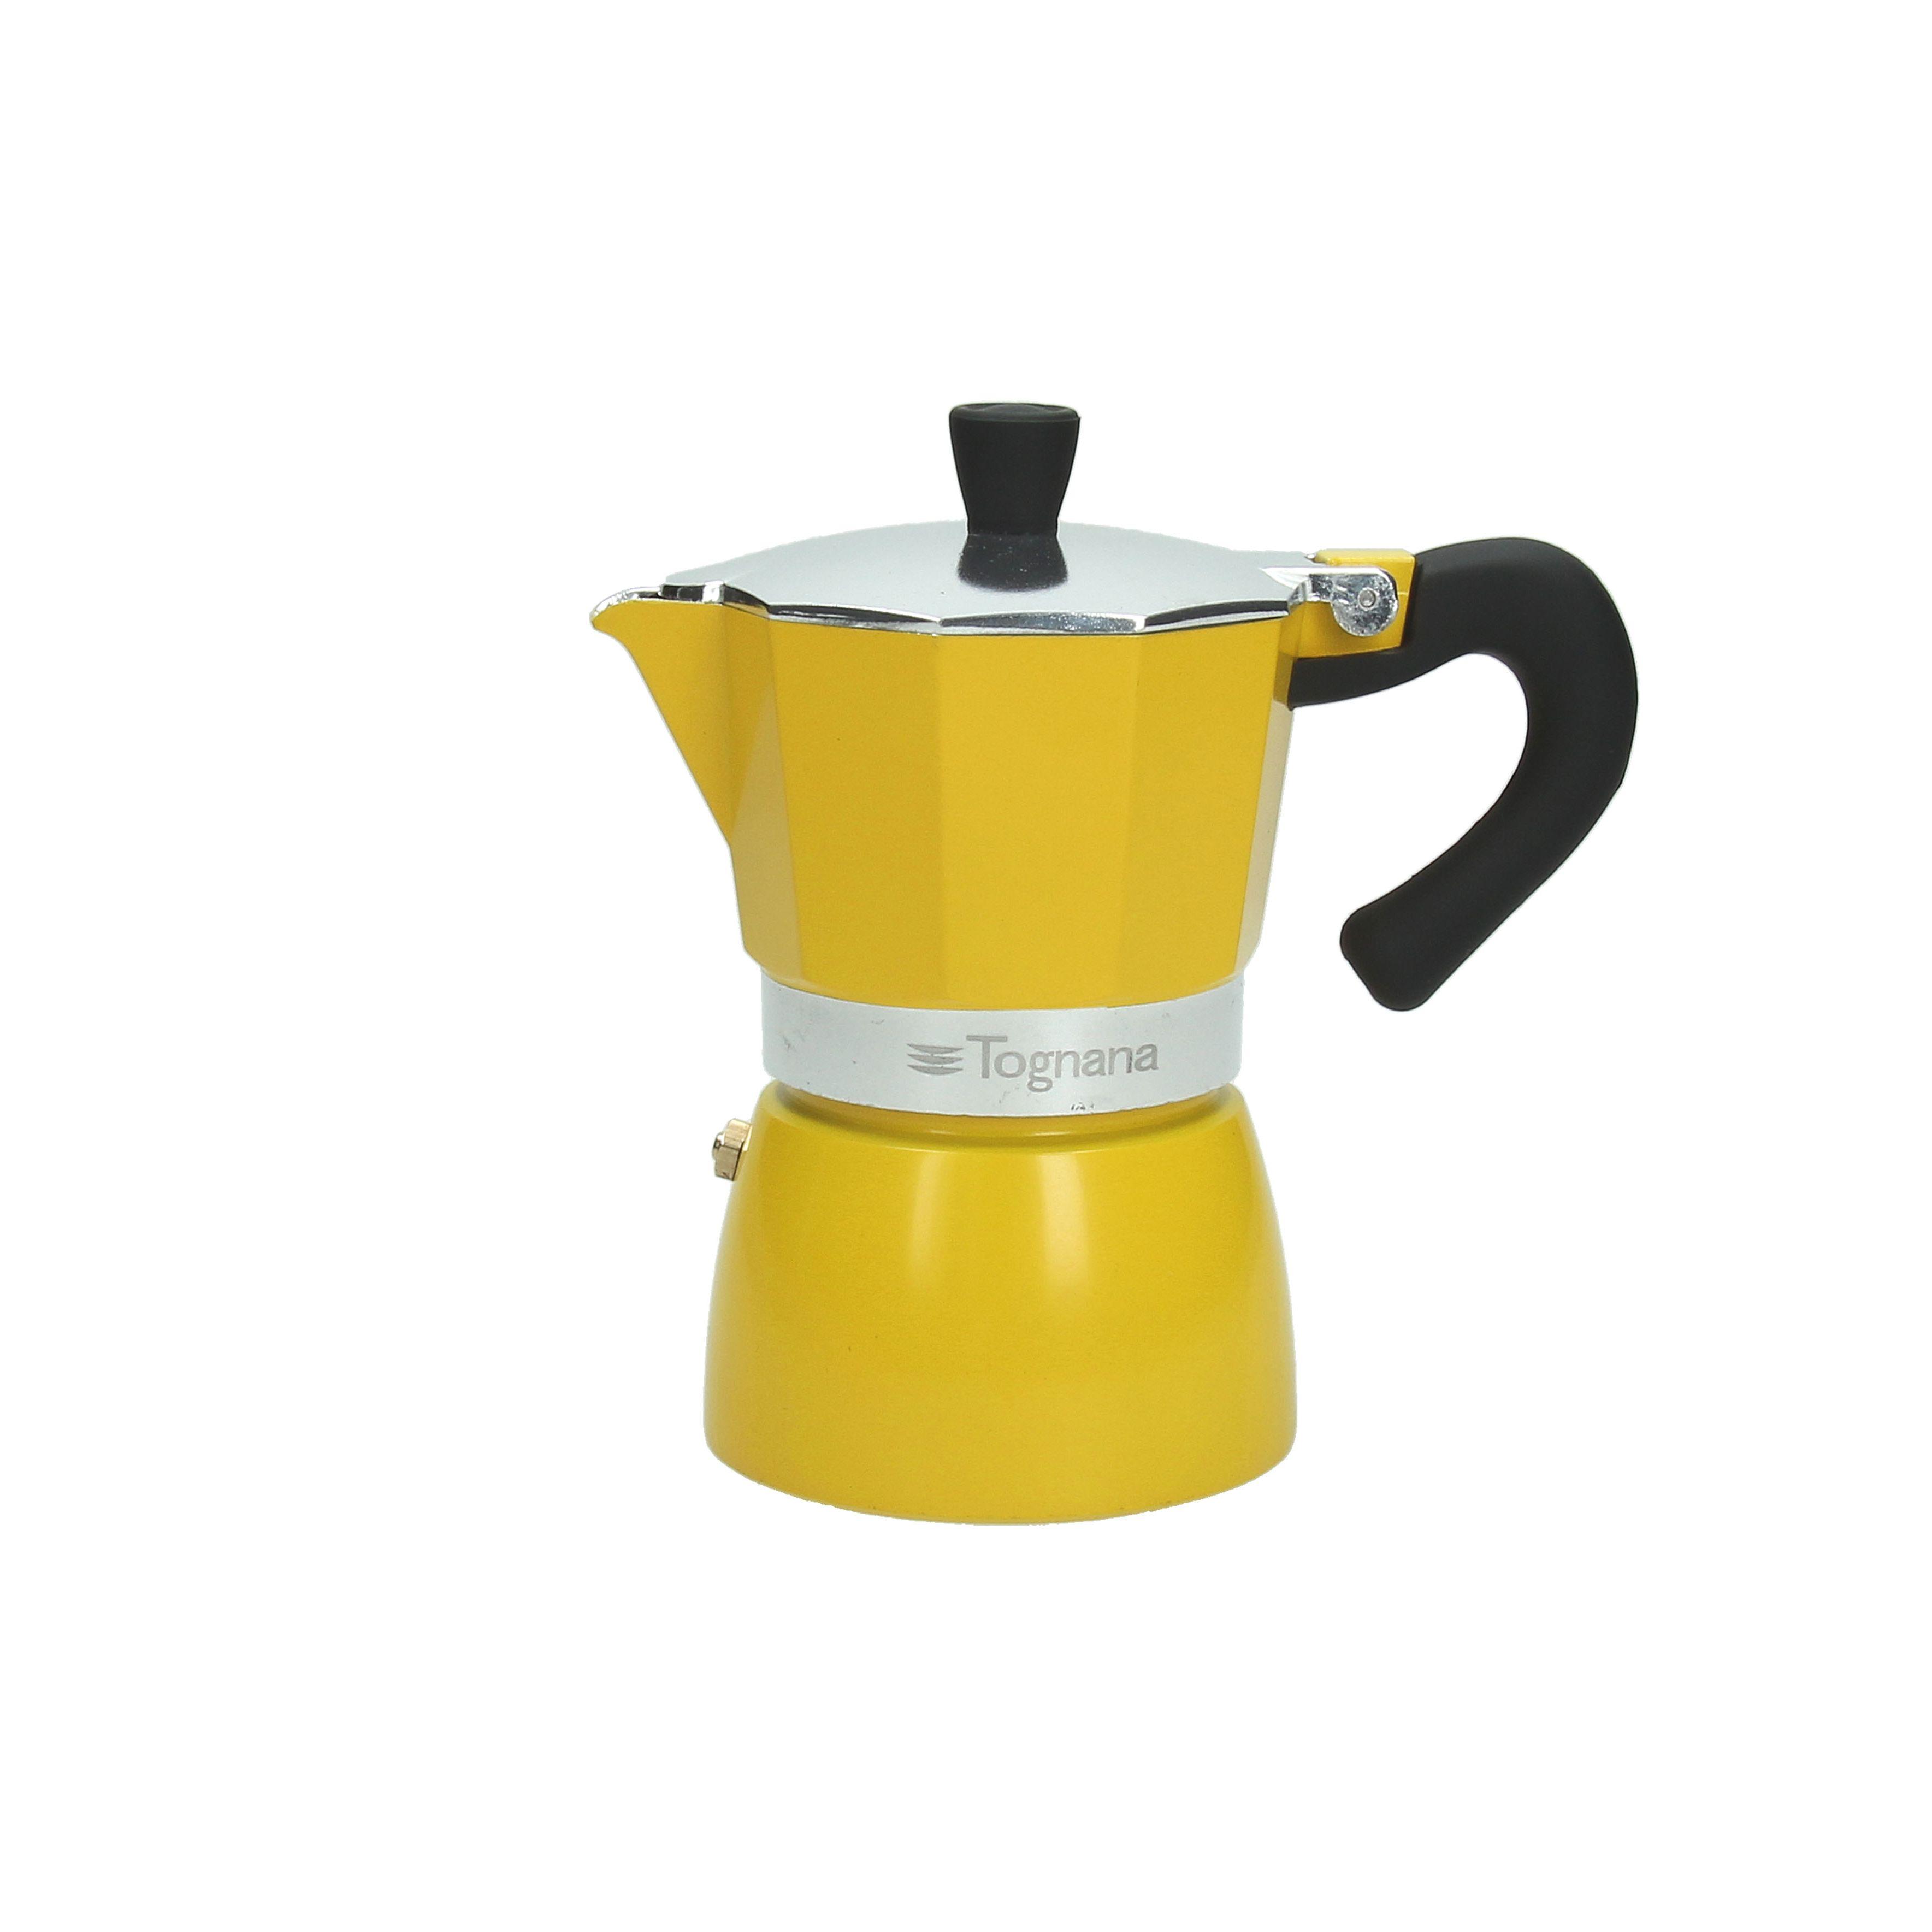 Кофеварка гейзерная на 3 чашки GRANCUCINA YELLOWКофеварка гейзерная на 3 чашки Гранкучина станет незаменимым атрибутом для каждого ценителя качественно приготовленного кофе. Представленные модели изготавливаются из прочного алюминия и пластика. Эти материалы надежно защищают от случайных повреждений, что способствует долгому сроку службы изделий. Кофеварки работают по принципу гейзерного приготовления с помощью пара, благодаря чему напиток получается особенно вкусным и насыщенным. Разнообразные расцветки позволят вам подобрать изделие, оптимально подходящее к интерьеру кухни.<br>